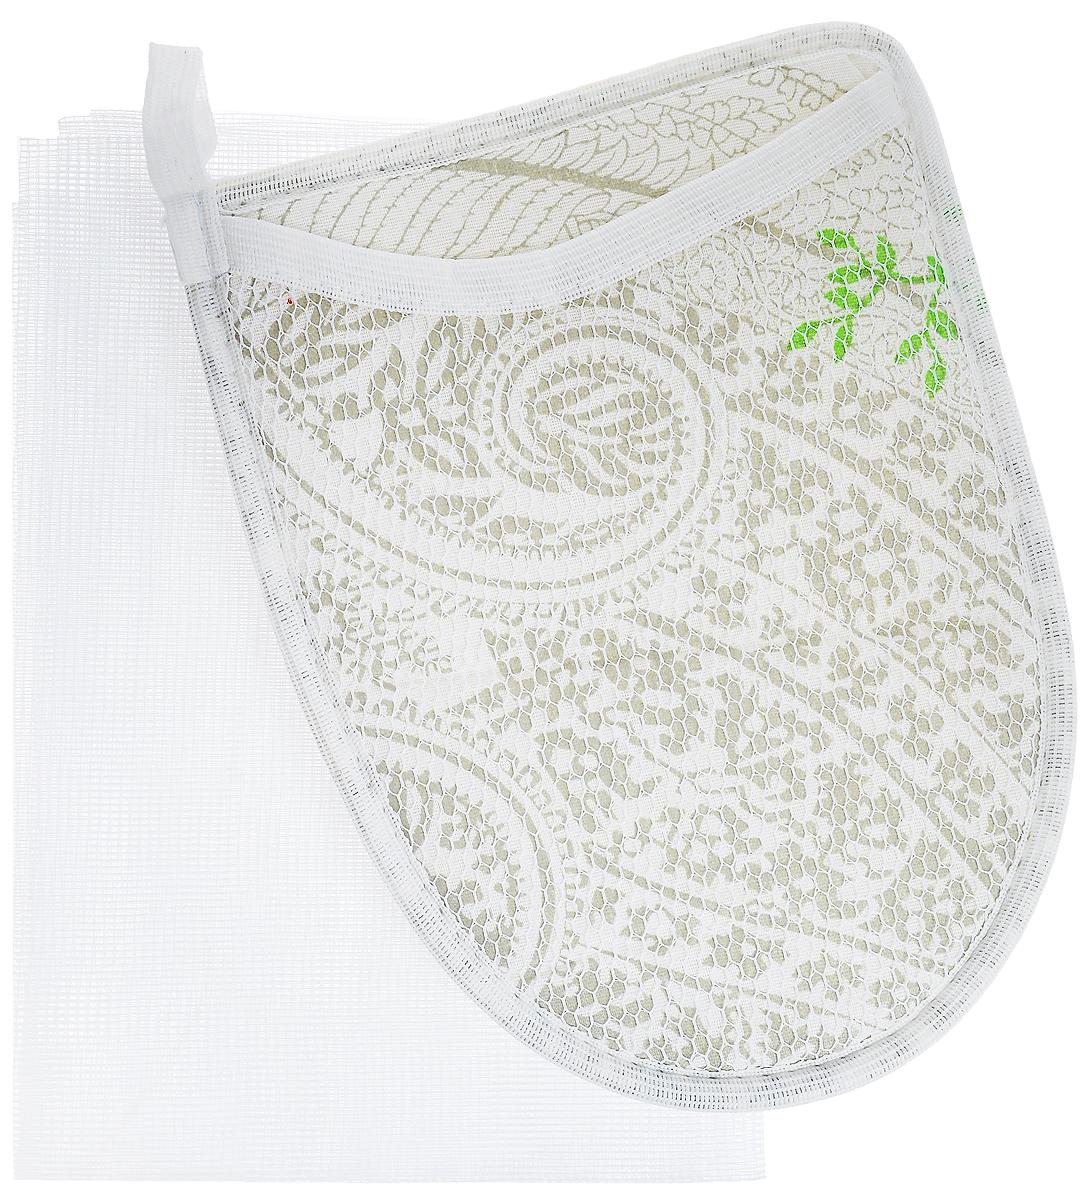 Набор для глажения Eva, цвет: серый, белый, серебристый, 2 предметаЕ381_серый, белый, серебристыйНабор для глажения Eva защитит одежду от повреждений при глажении. Состоит из варежки с термостойким алюминиевым напылением и сетки для глажения. Варежка поможет отутюжить ваши вещи в труднодоступных местах. При изготовлении варежки используется материал, не пропускающий тепло. Сетка для глажения защищает одежду от повреждений при утюжке, заменяет марлю, используется при режиме отпаривания, незаменима для оформления стрелок на брюках, препятствует образованию блестящих следов. Размер варежки: 15 х 21 см. Размер сетки: 40 х 75 см.